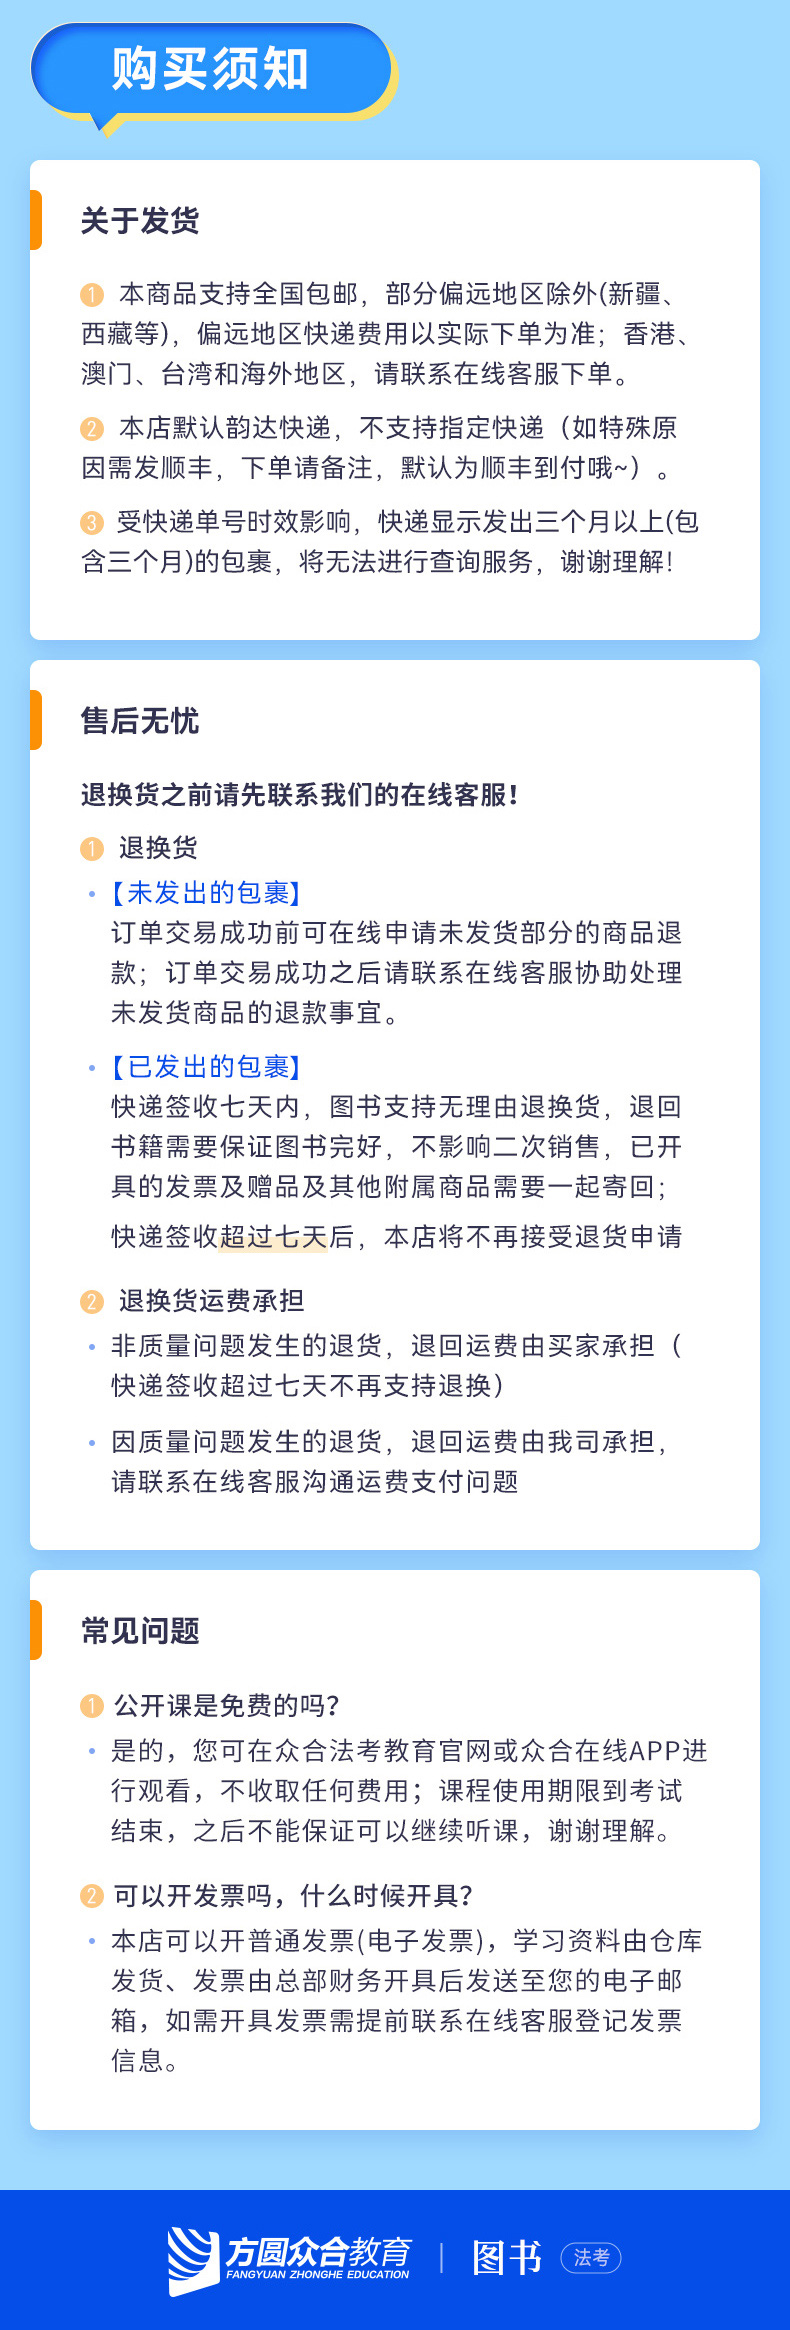 2022客观题学习包-详情页-2.jpg_parker_11.jpg